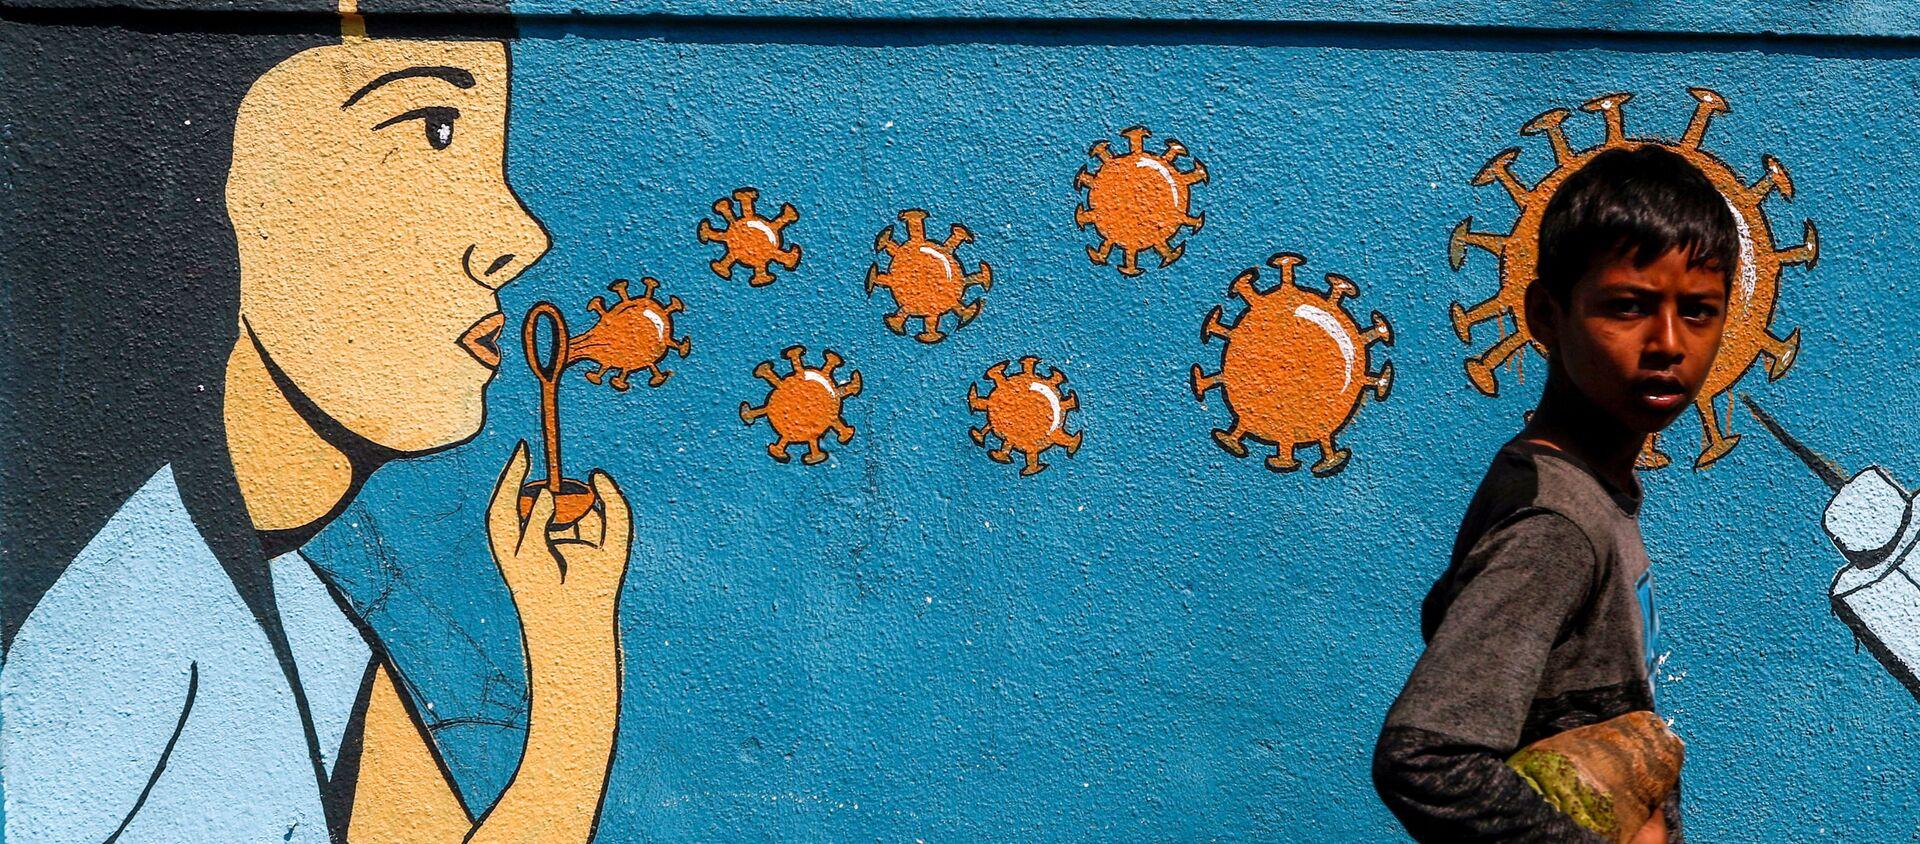 Chłopiec przechodzi obok graffiti w Bombaju w Indiach - Sputnik Polska, 1920, 01.05.2021